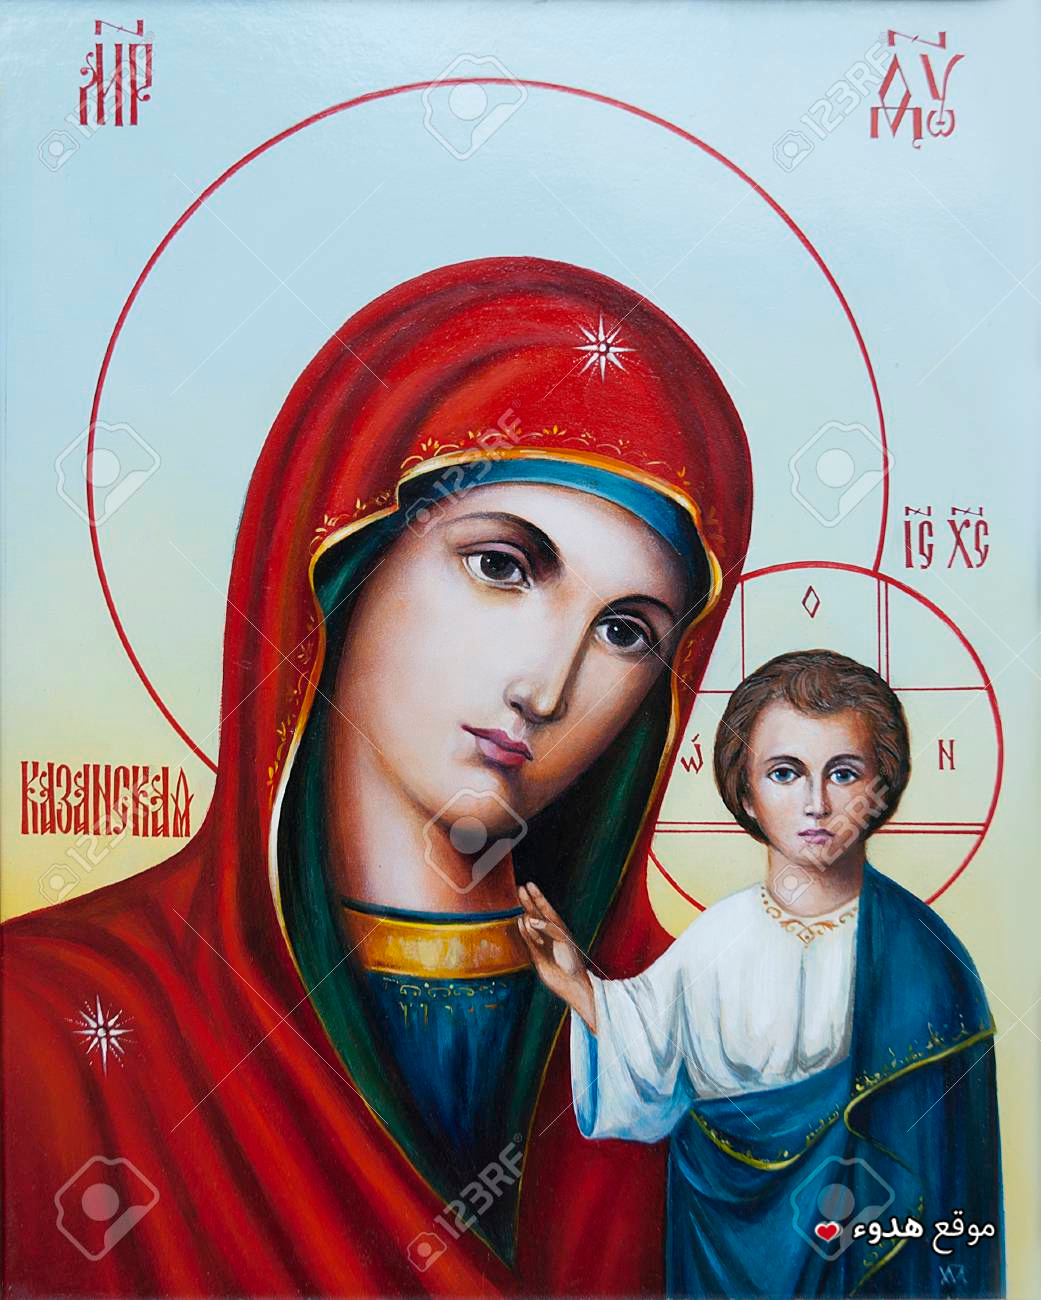 العذراء مريم اجمل صور العذراء مريم للتهنئة